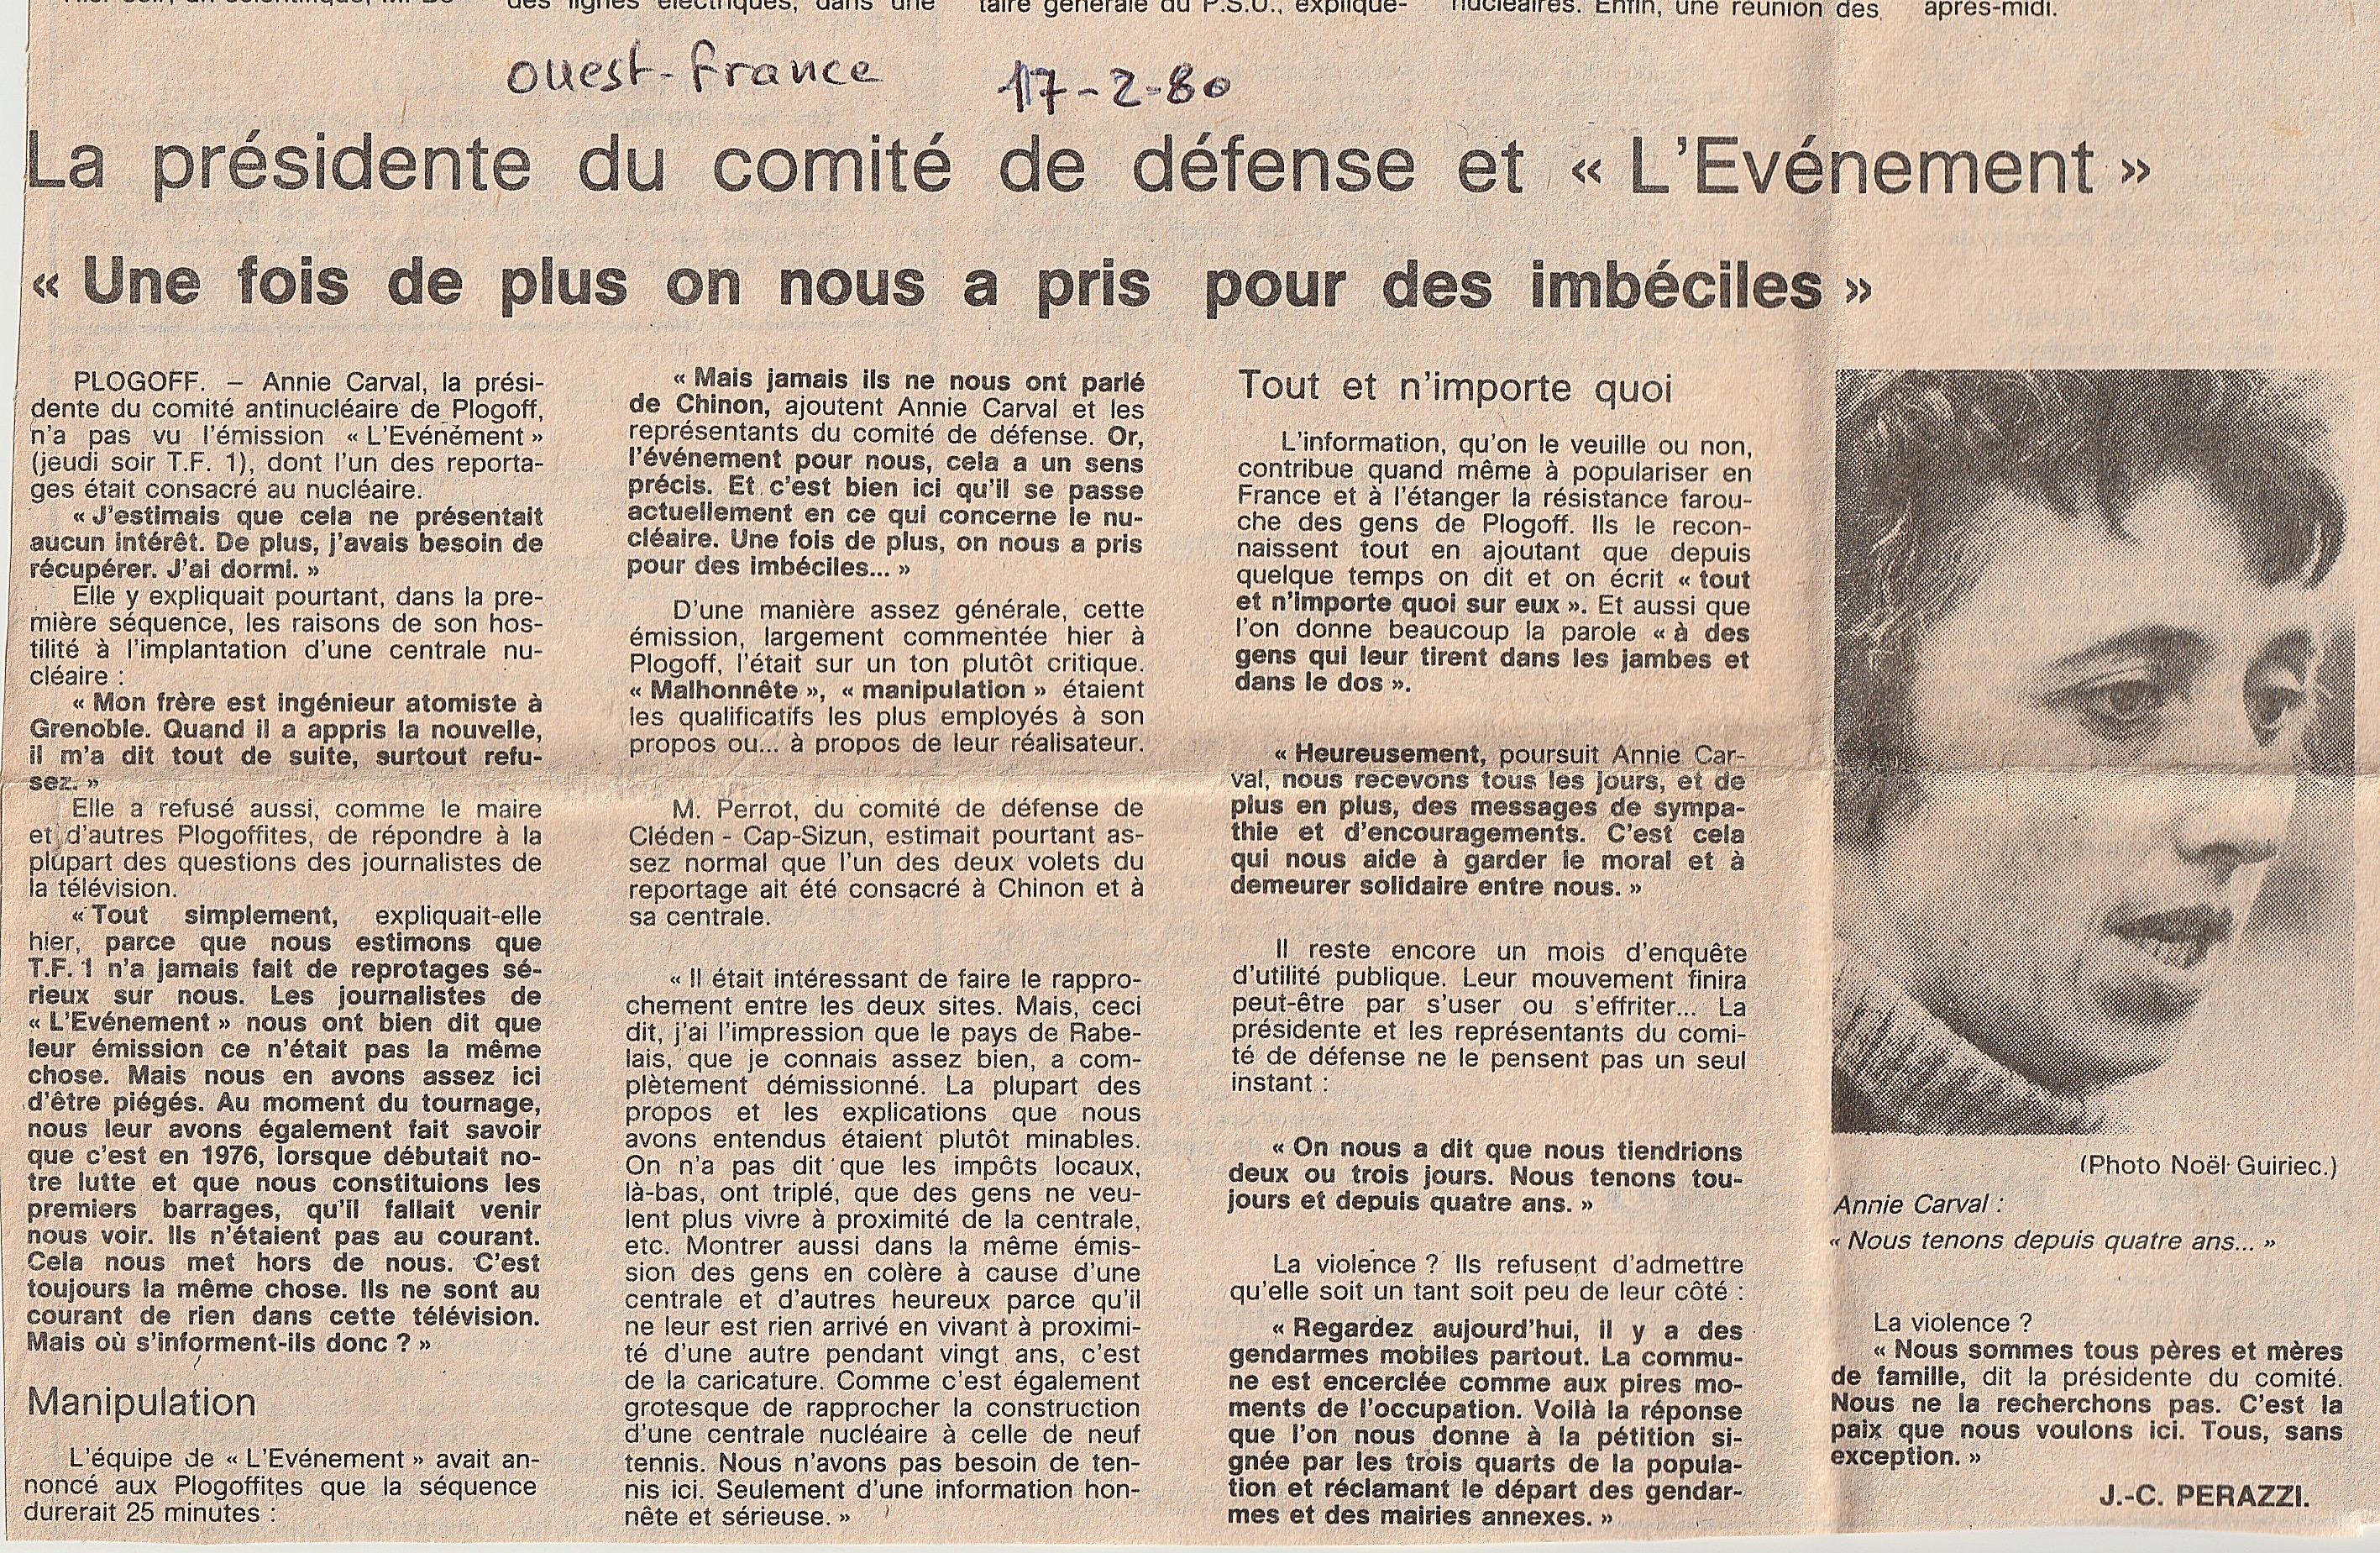 """Annie Carval : """"On_nous_a_pris_pour"""